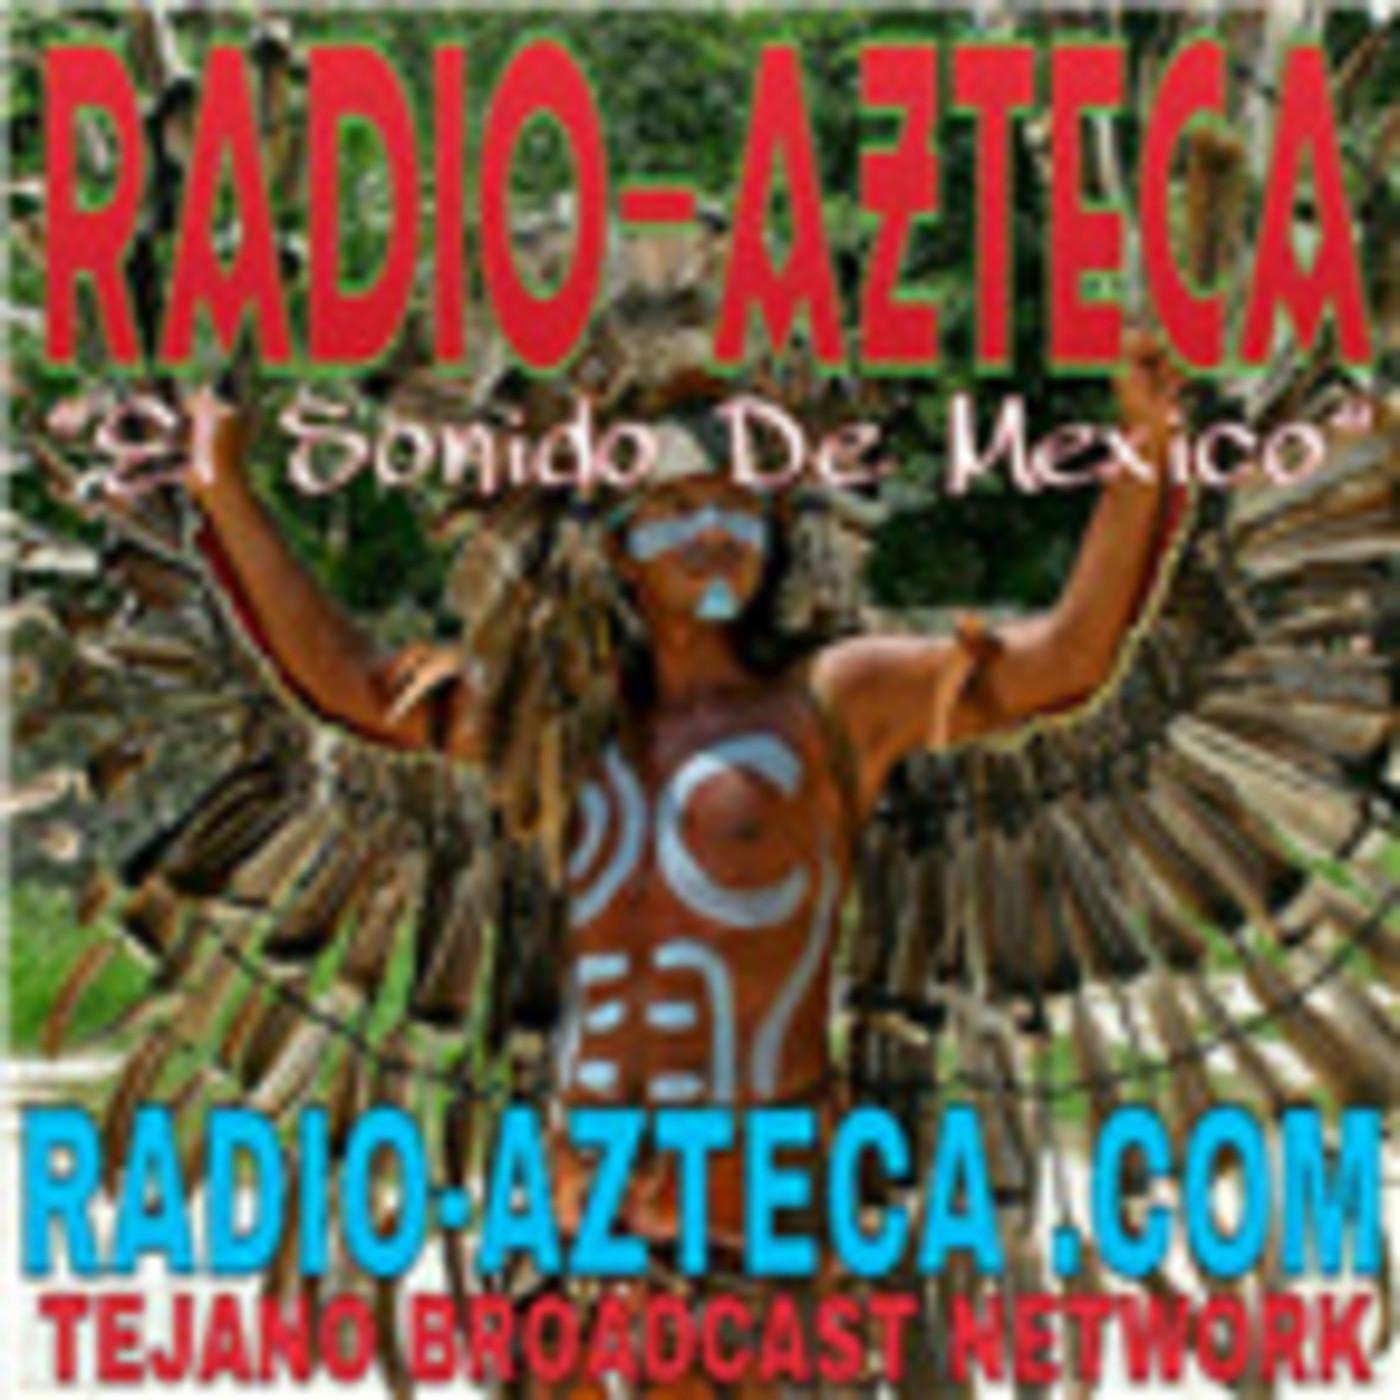 Radio-Azteca